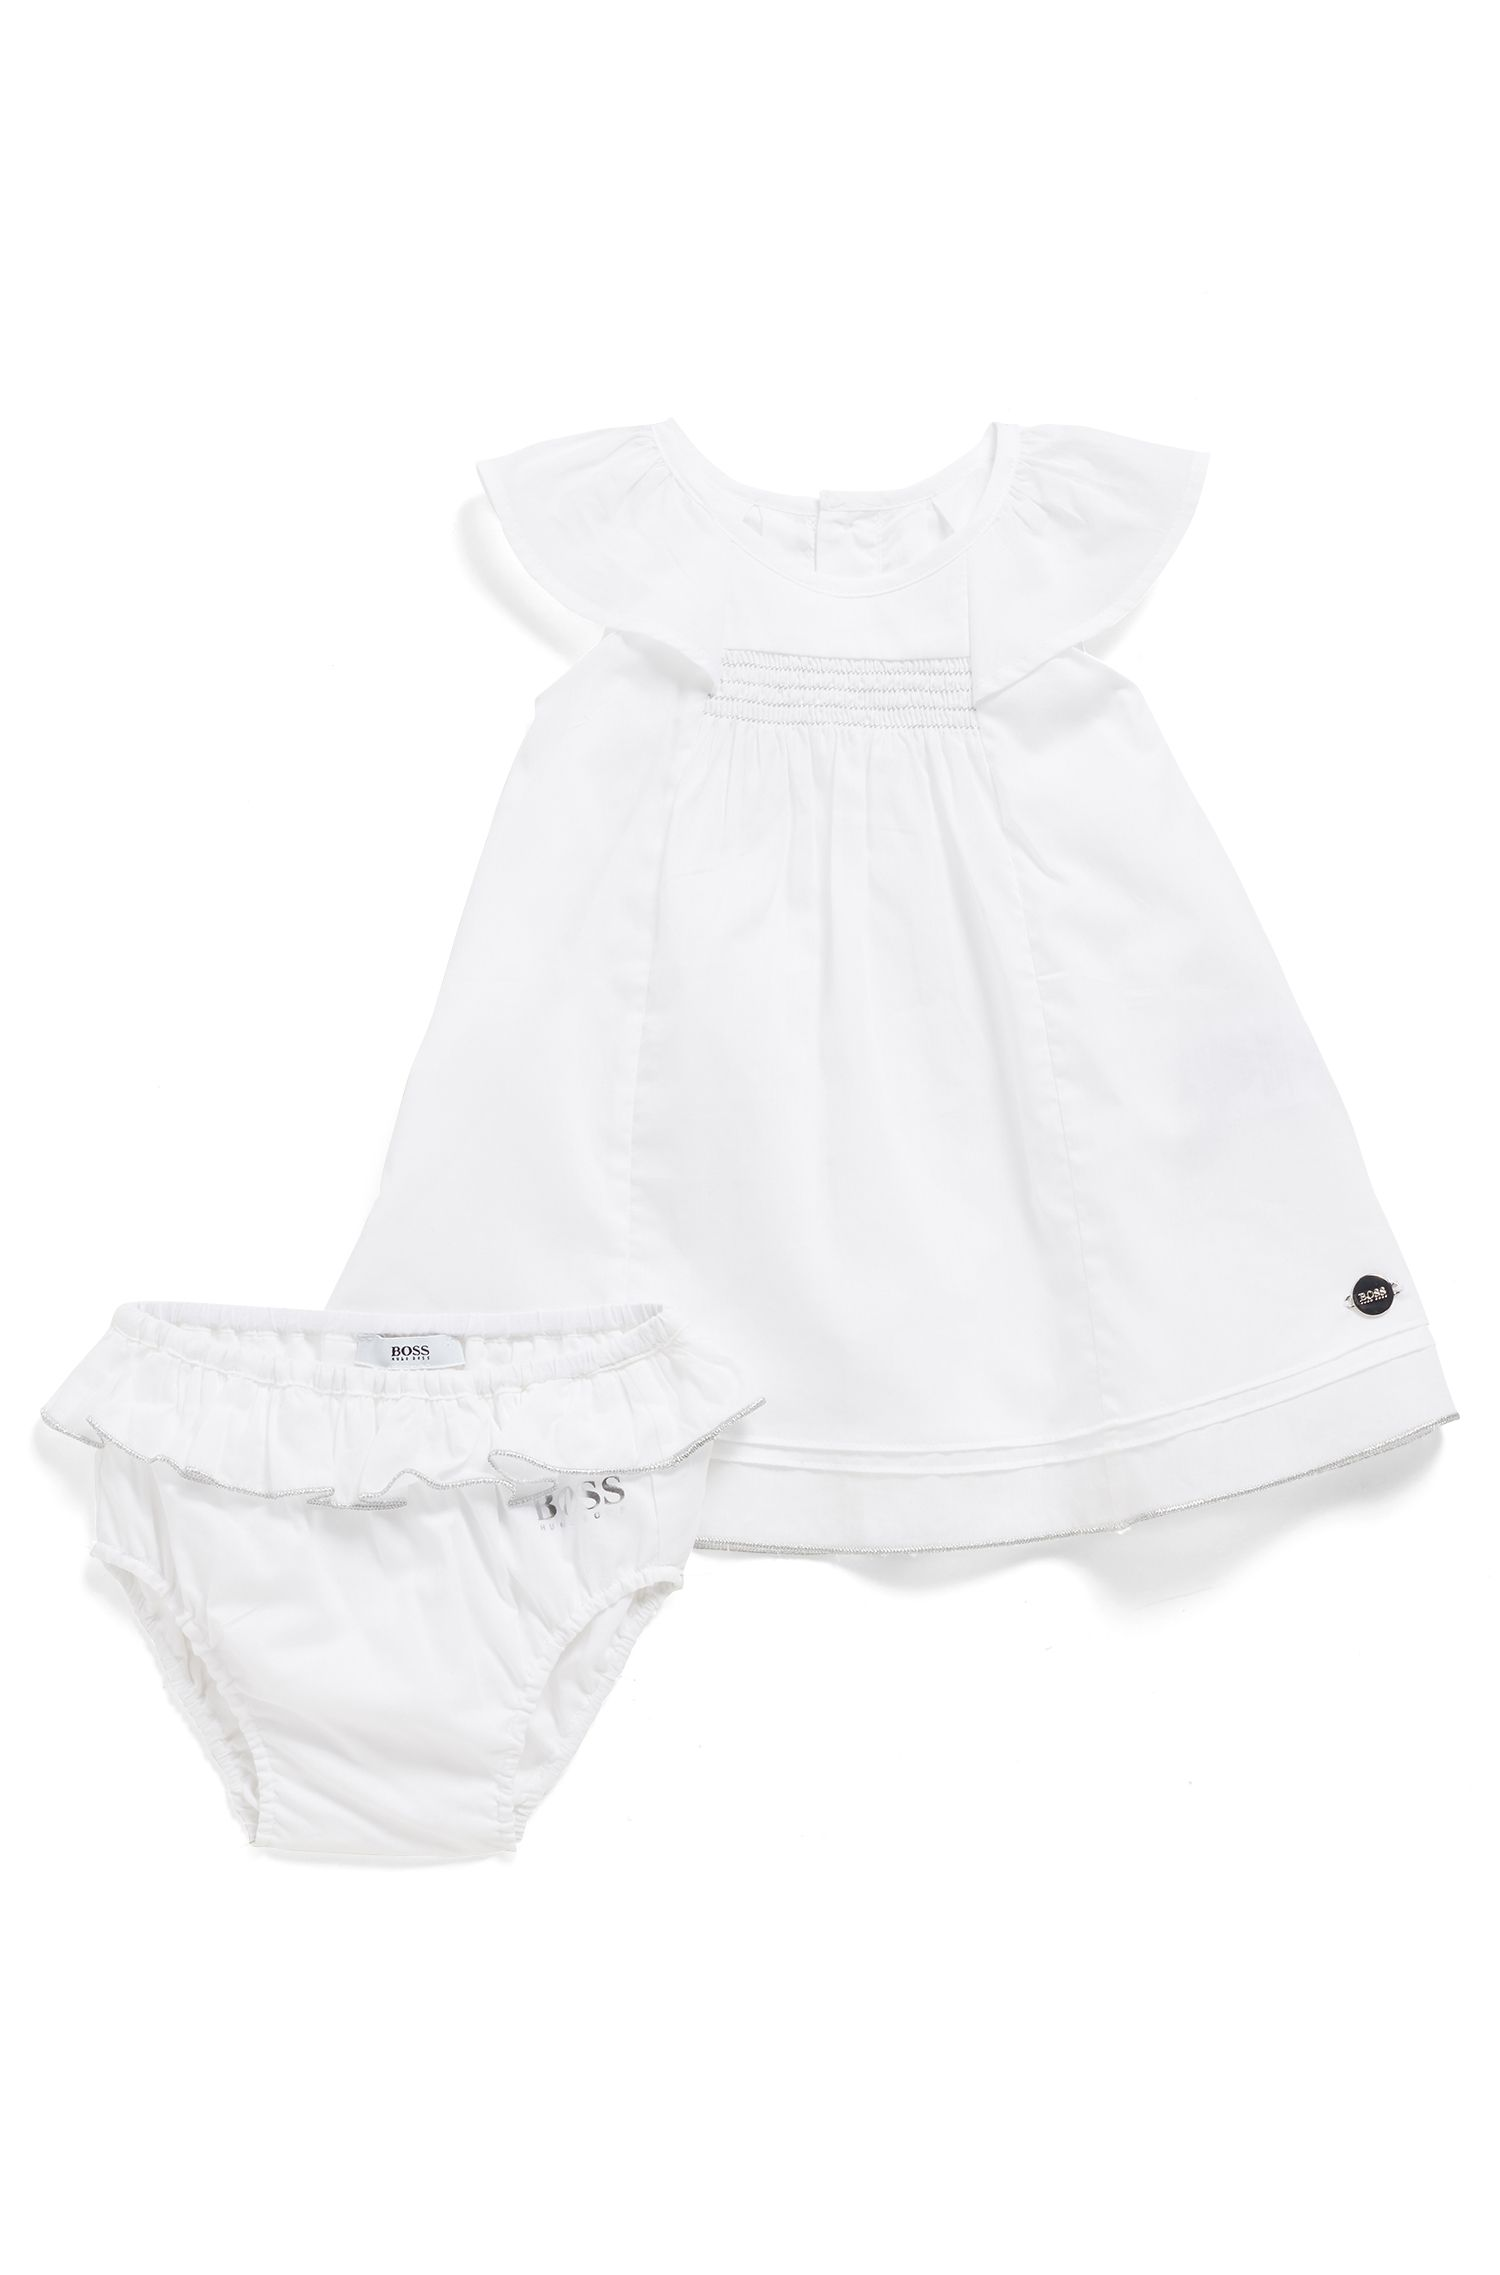 Baby-Kleid und Höschen aus Baumwolle für Mädchen in Geschenkbox, Weiß